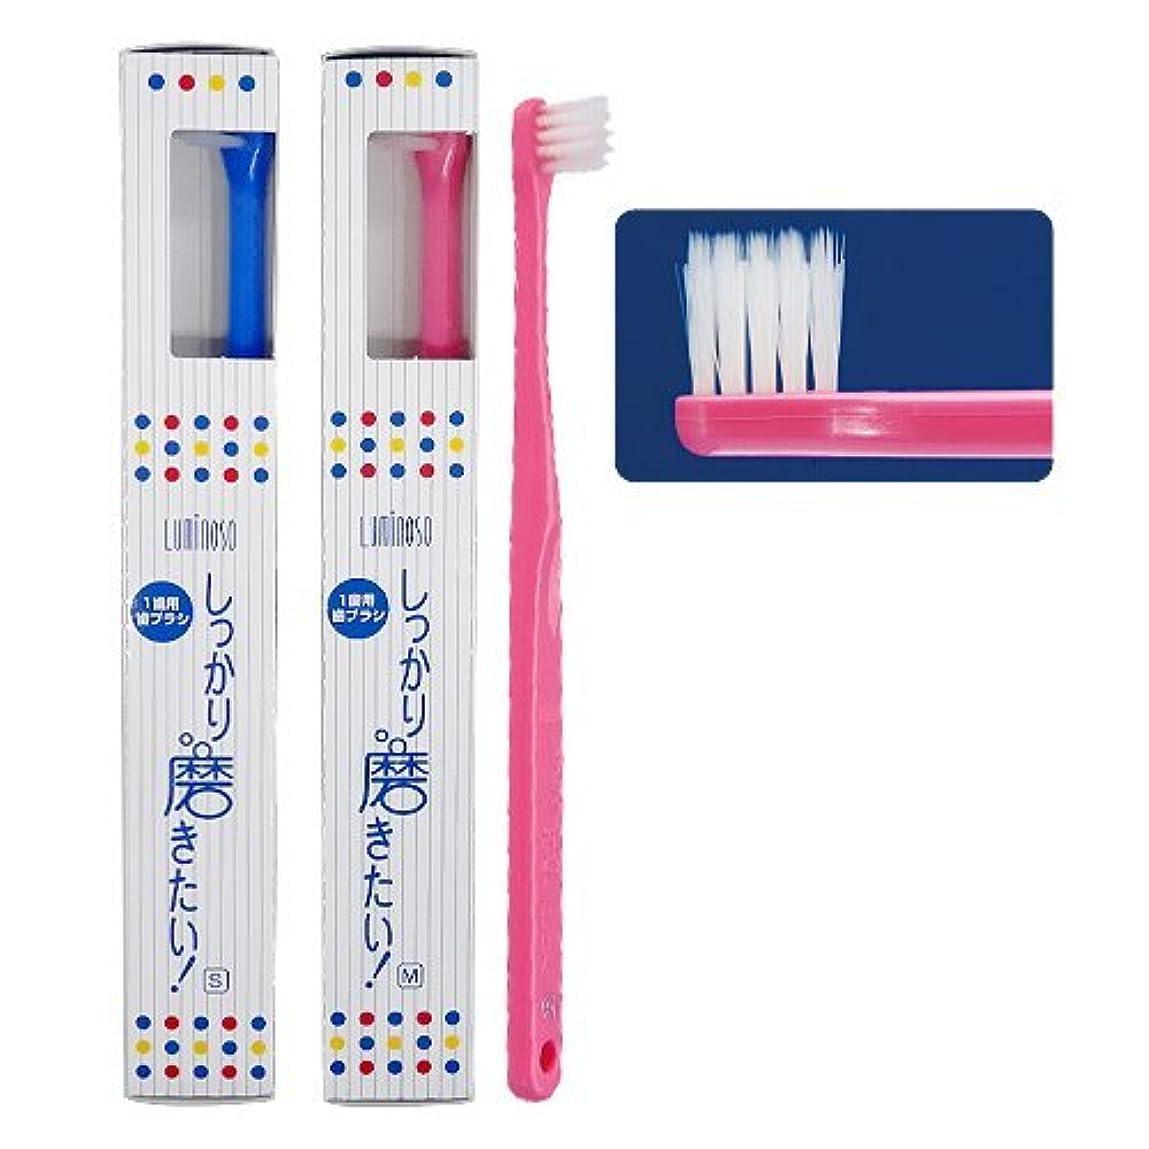 出血に対応する眼ルミノソ 1歯用歯ブラシ「しっかり磨きたい!」スタンダード ミディアム (カラー指定不可) 5本